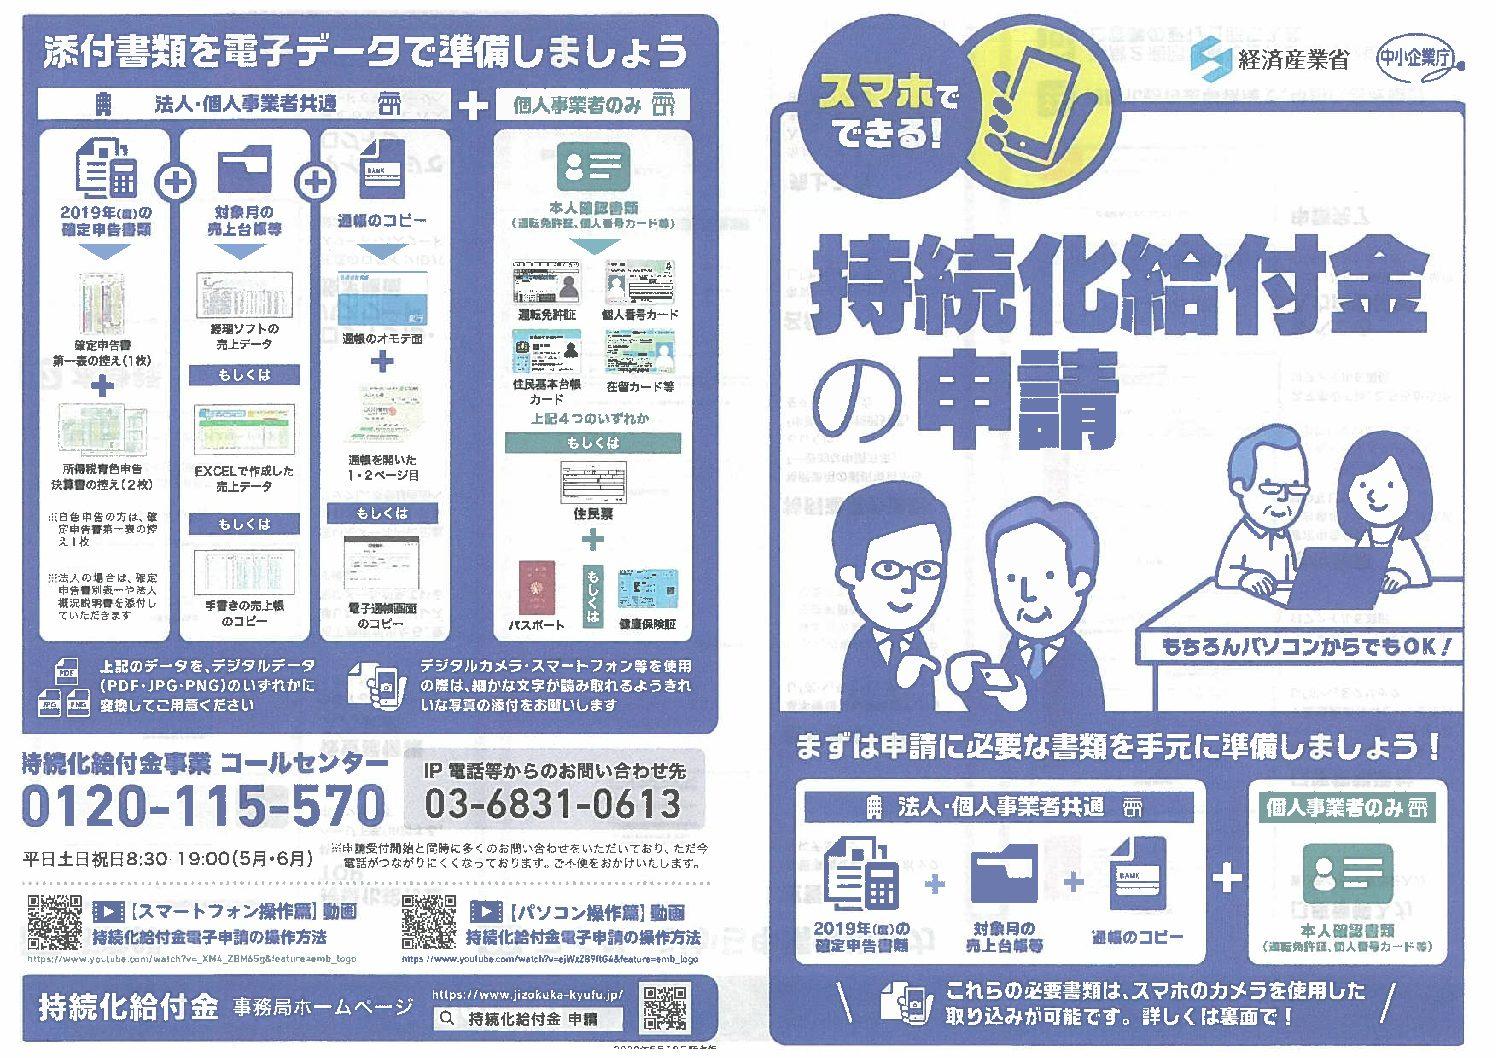 【経営支援】持続化給付金の申請の流れについて(経済産業省)